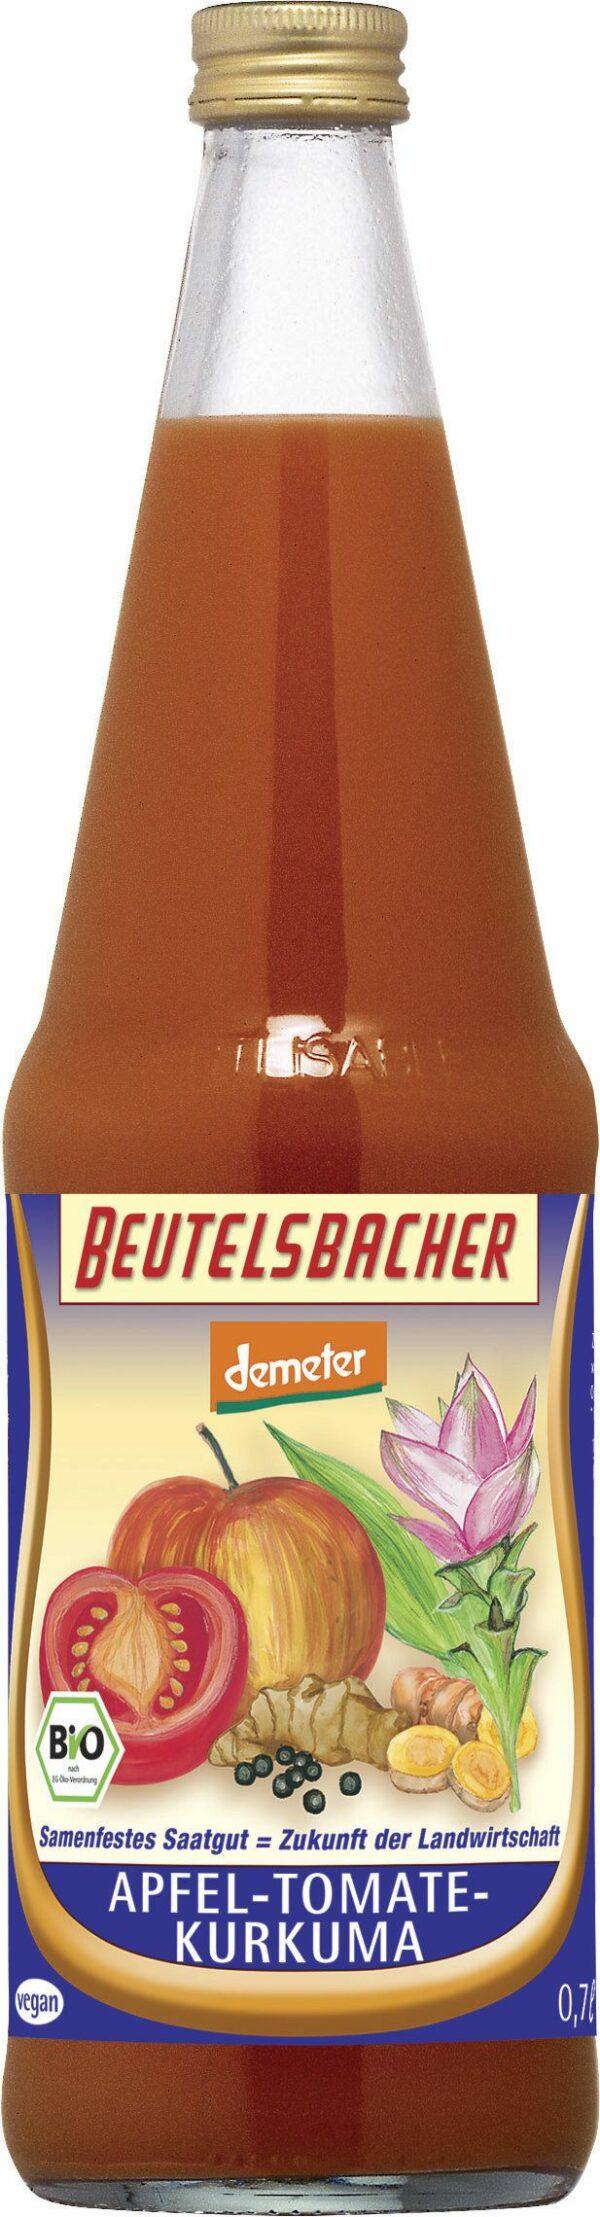 BEUTELSBACHER Demeter Apfel-Tomate-Kurkuma 6x0,7l